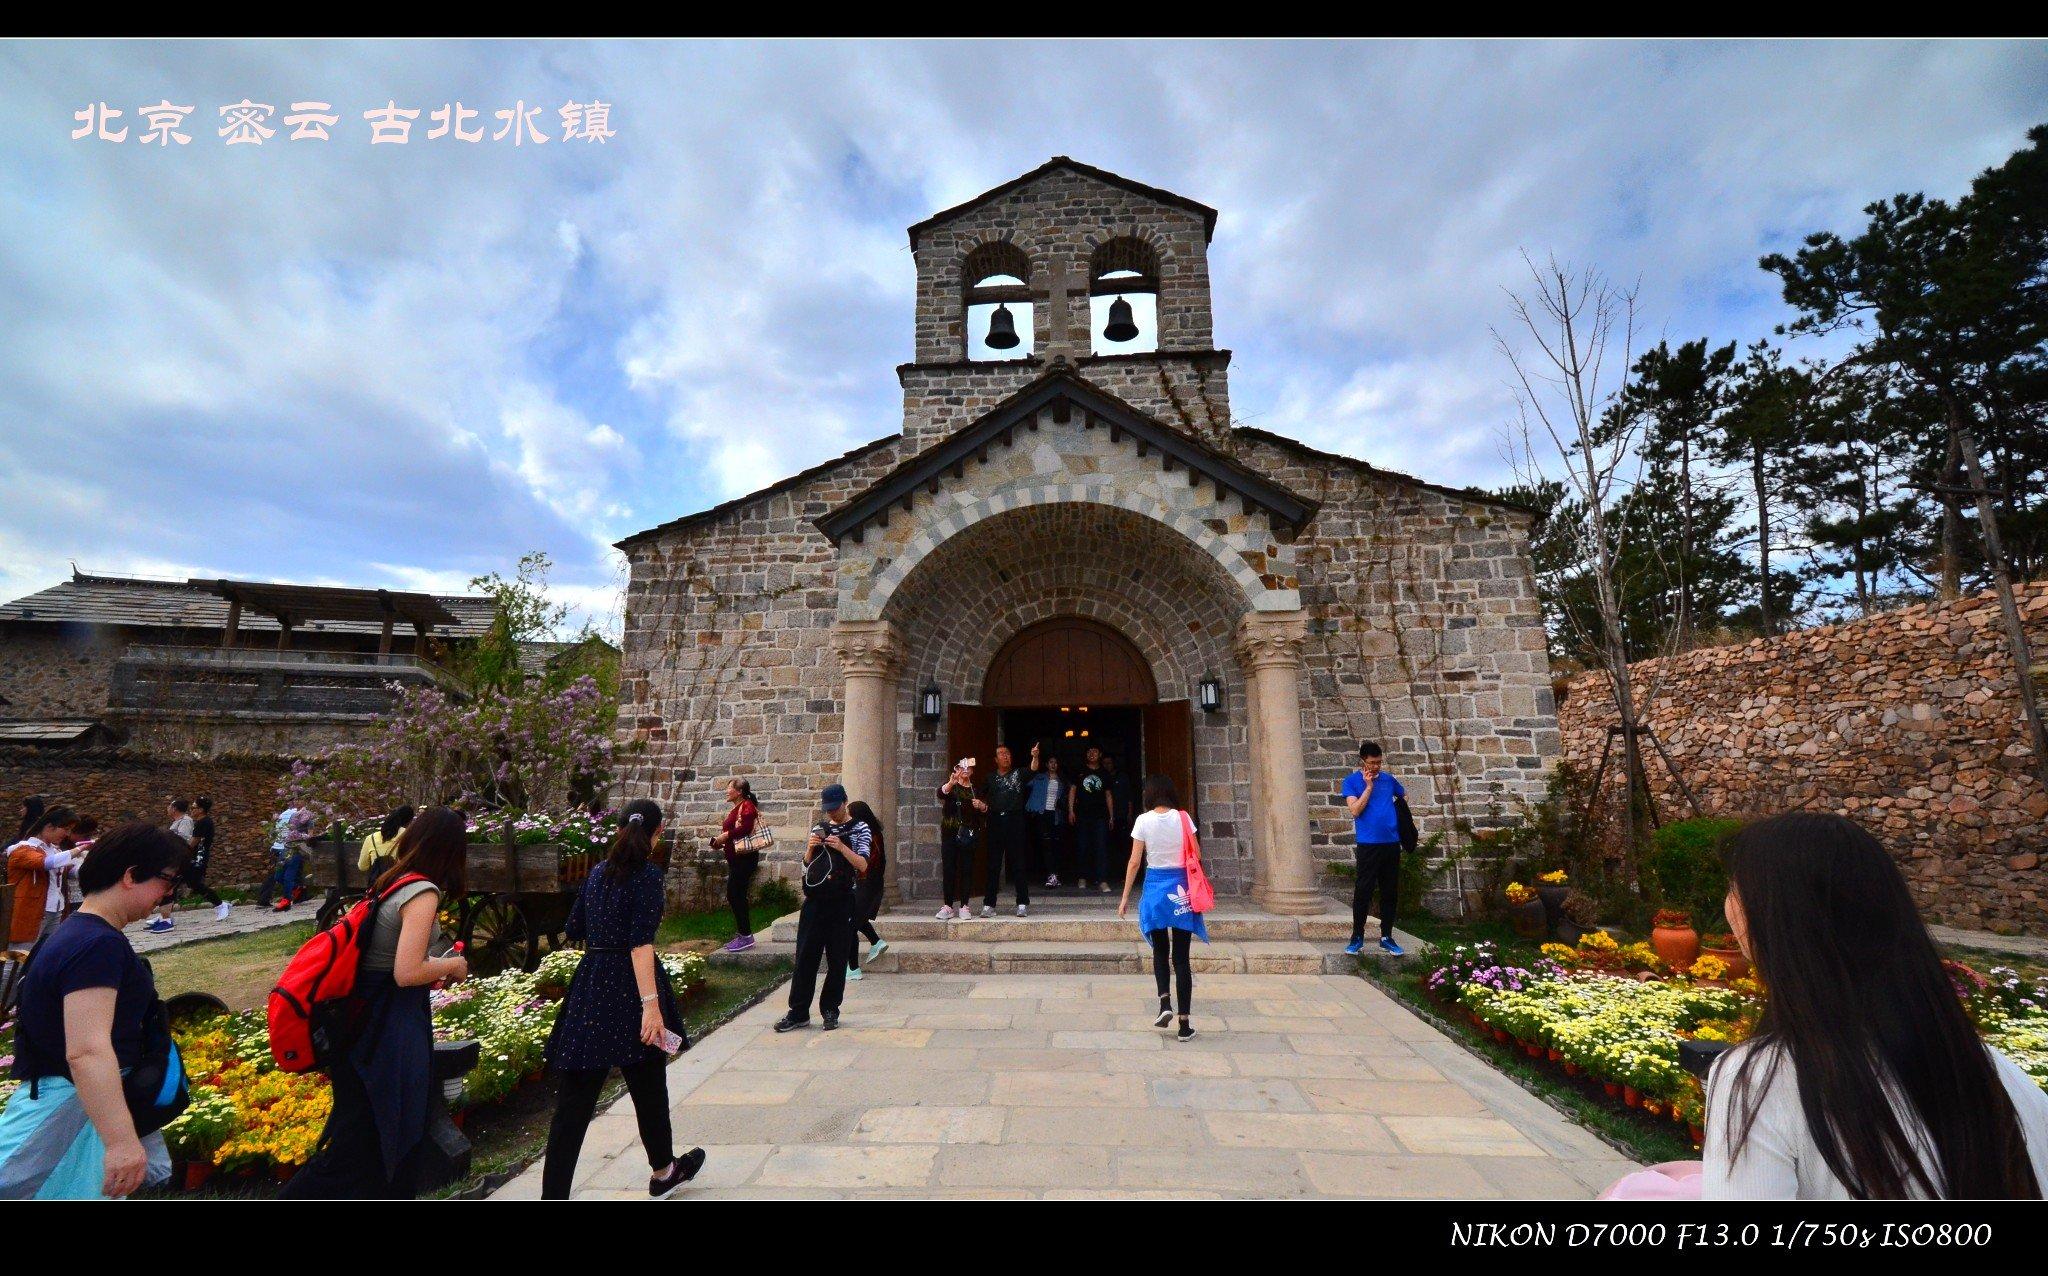 2019攻略山顶游玩大全,古北水镇景区里有个景口袋妖怪漆黑的魅影图教堂攻略图片